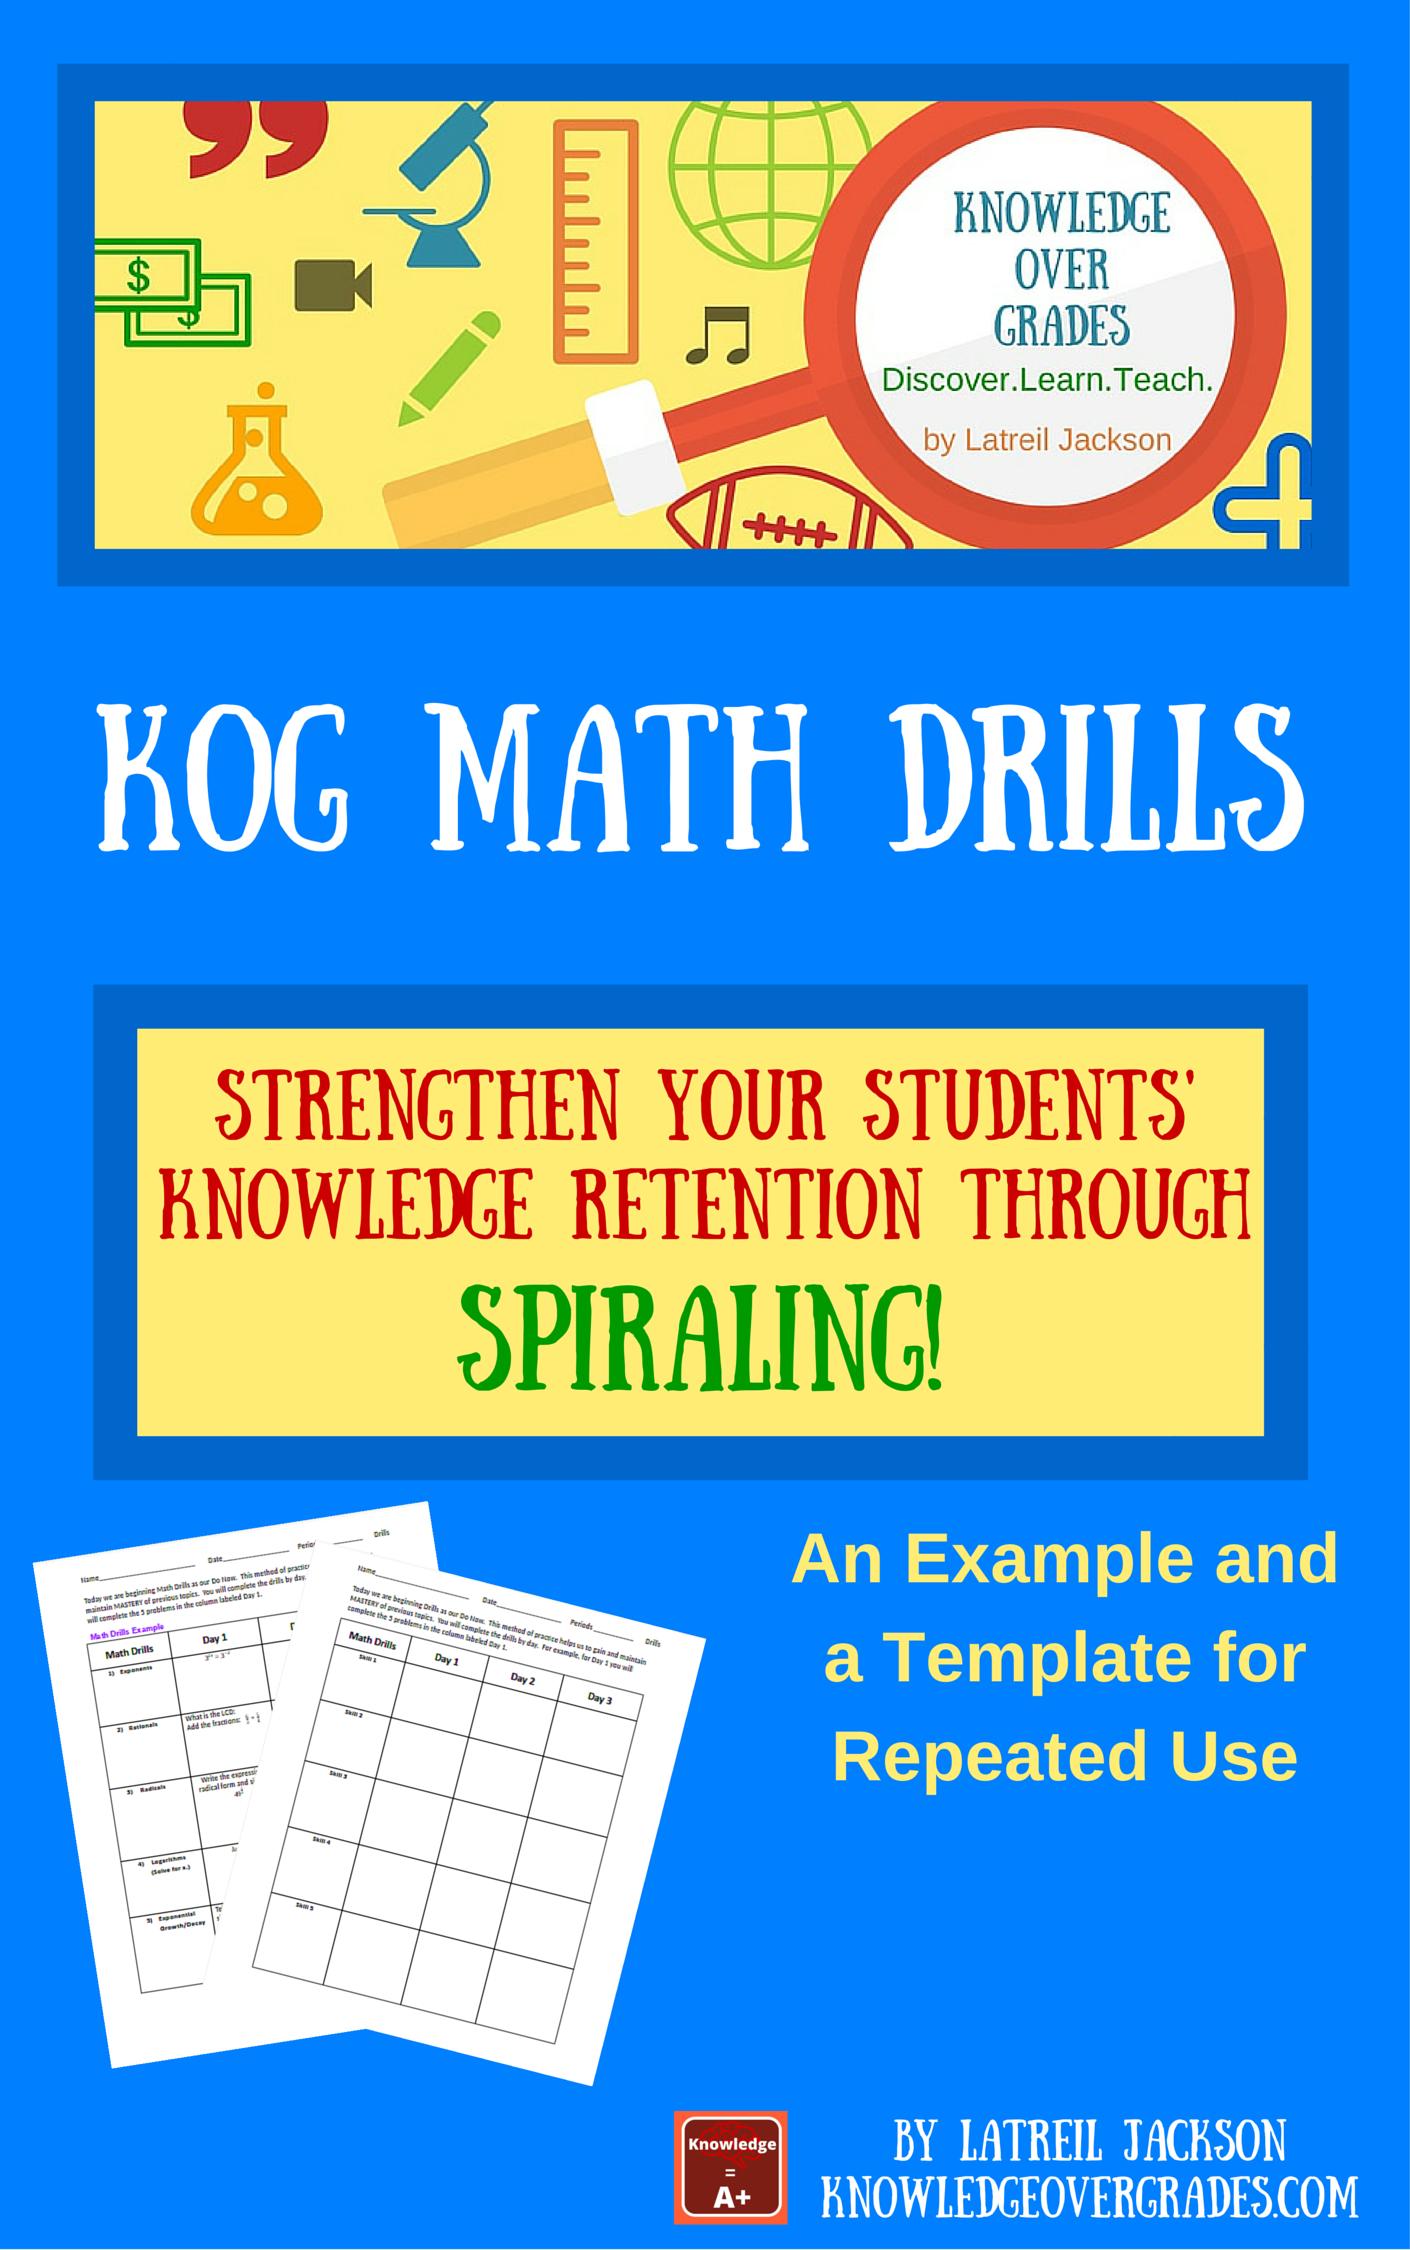 Magnificent Daily Math Drills Motif - Worksheet Math for Homework ...